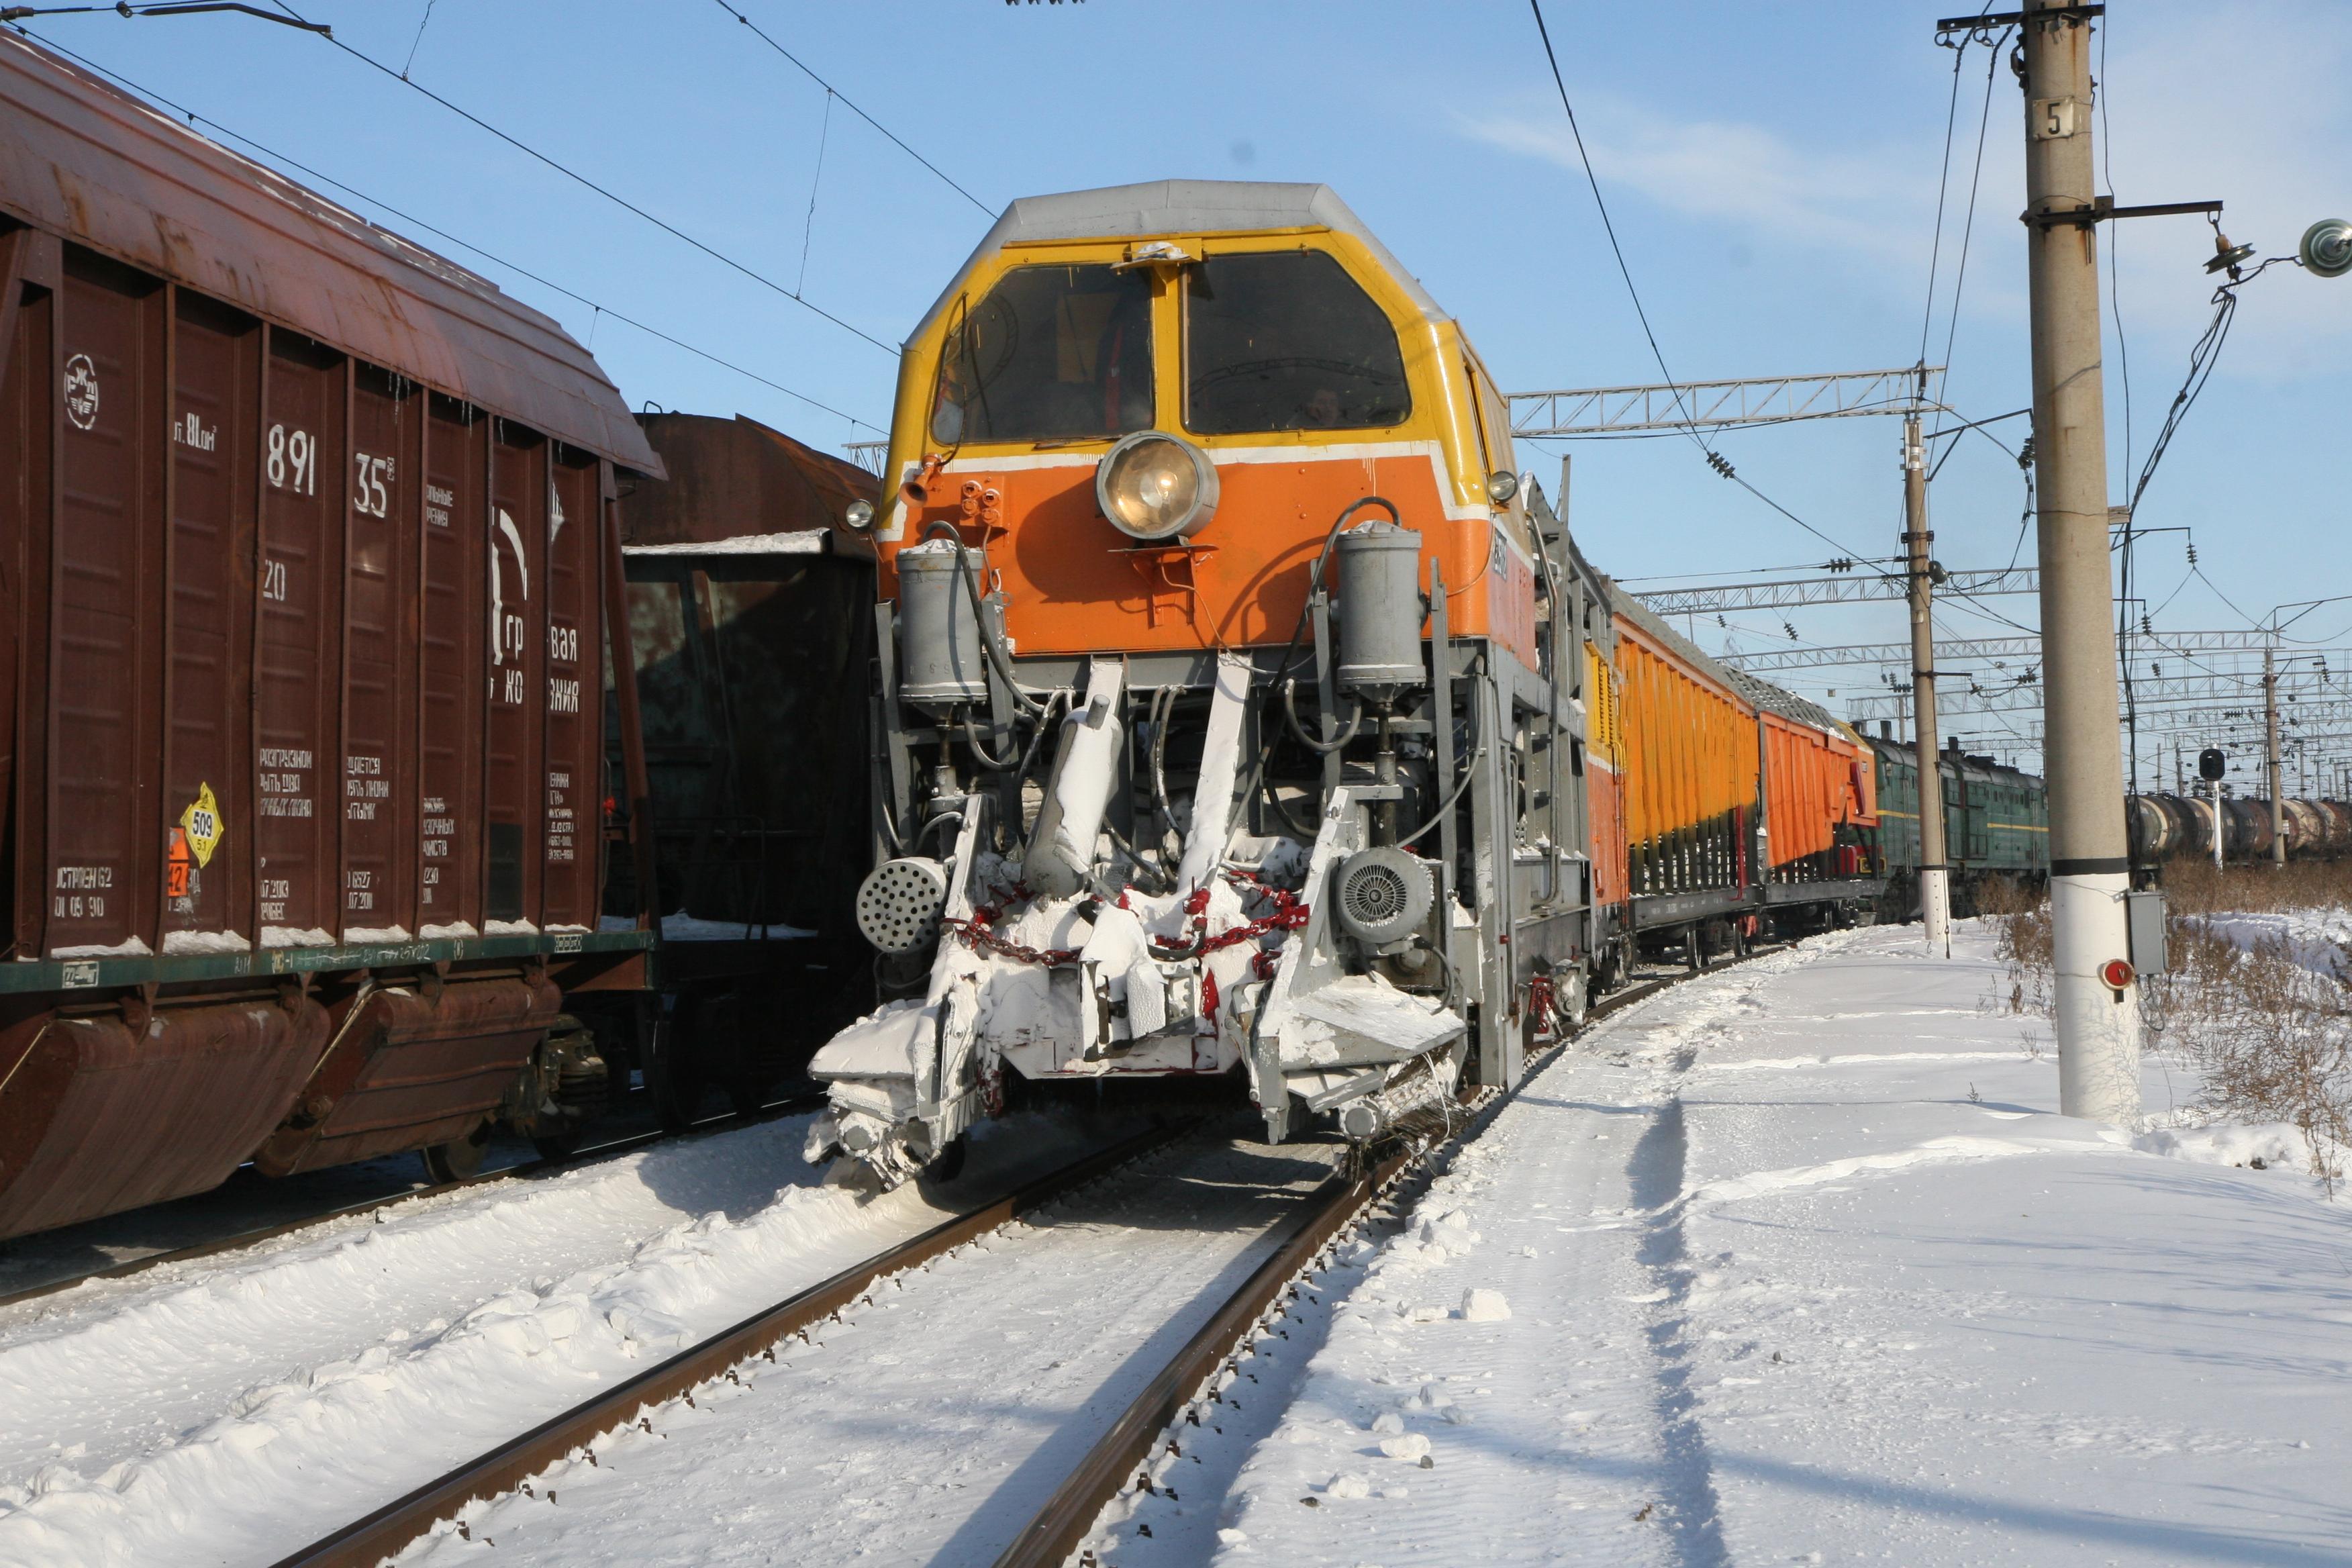 2020 03 24 ПривЖД_Саратов_снегонад не повлиял на движение пассажирских поездов